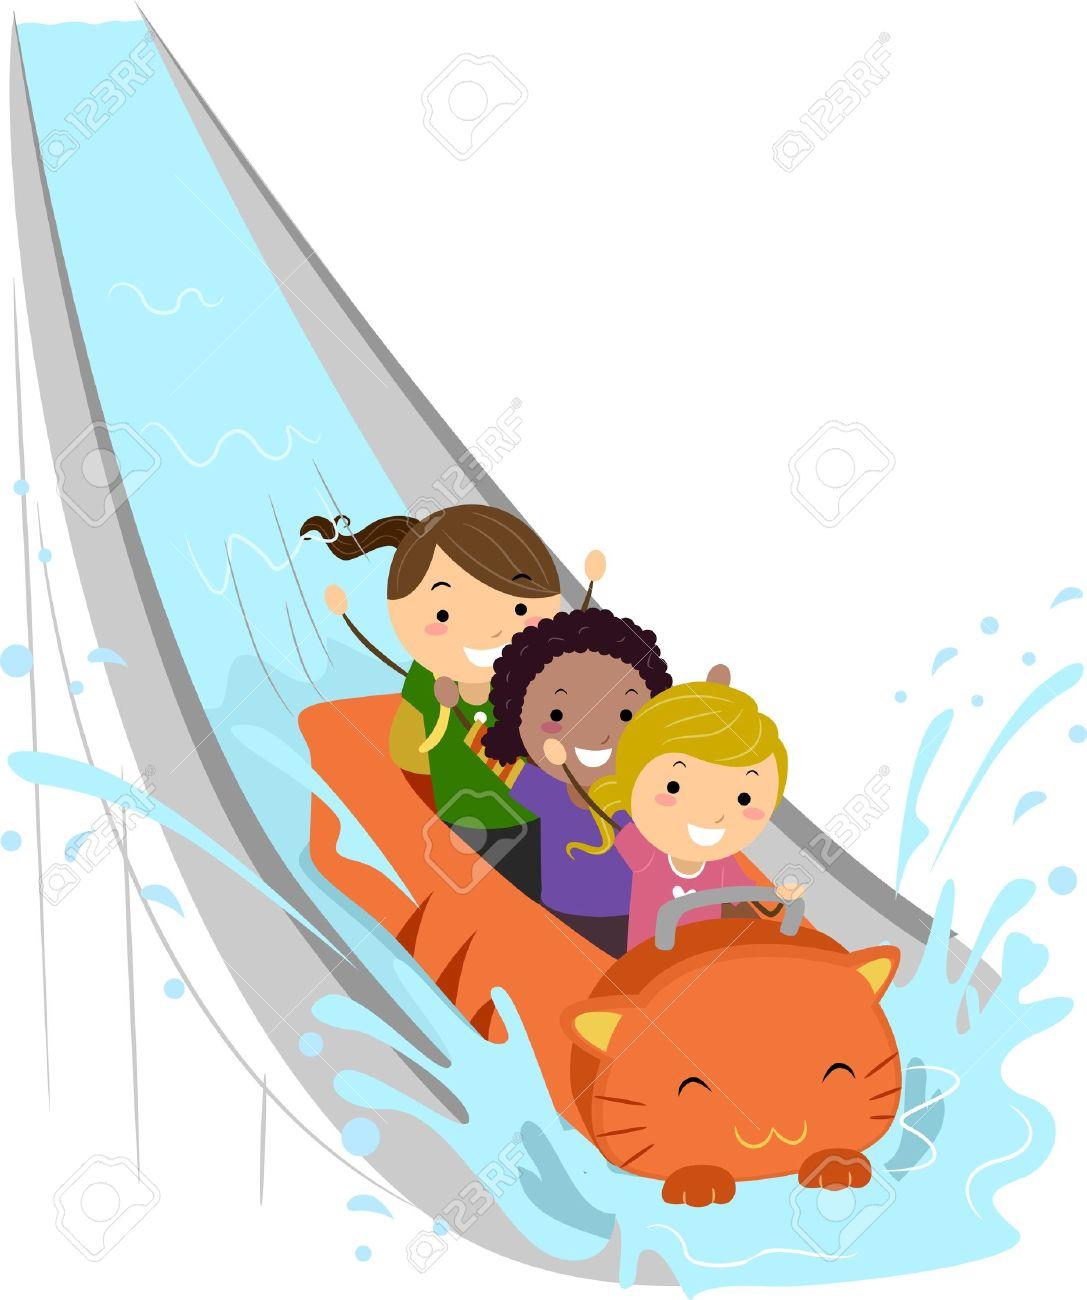 Kids Enjoying A Water Ride-Kids Enjoying a Water Ride-5